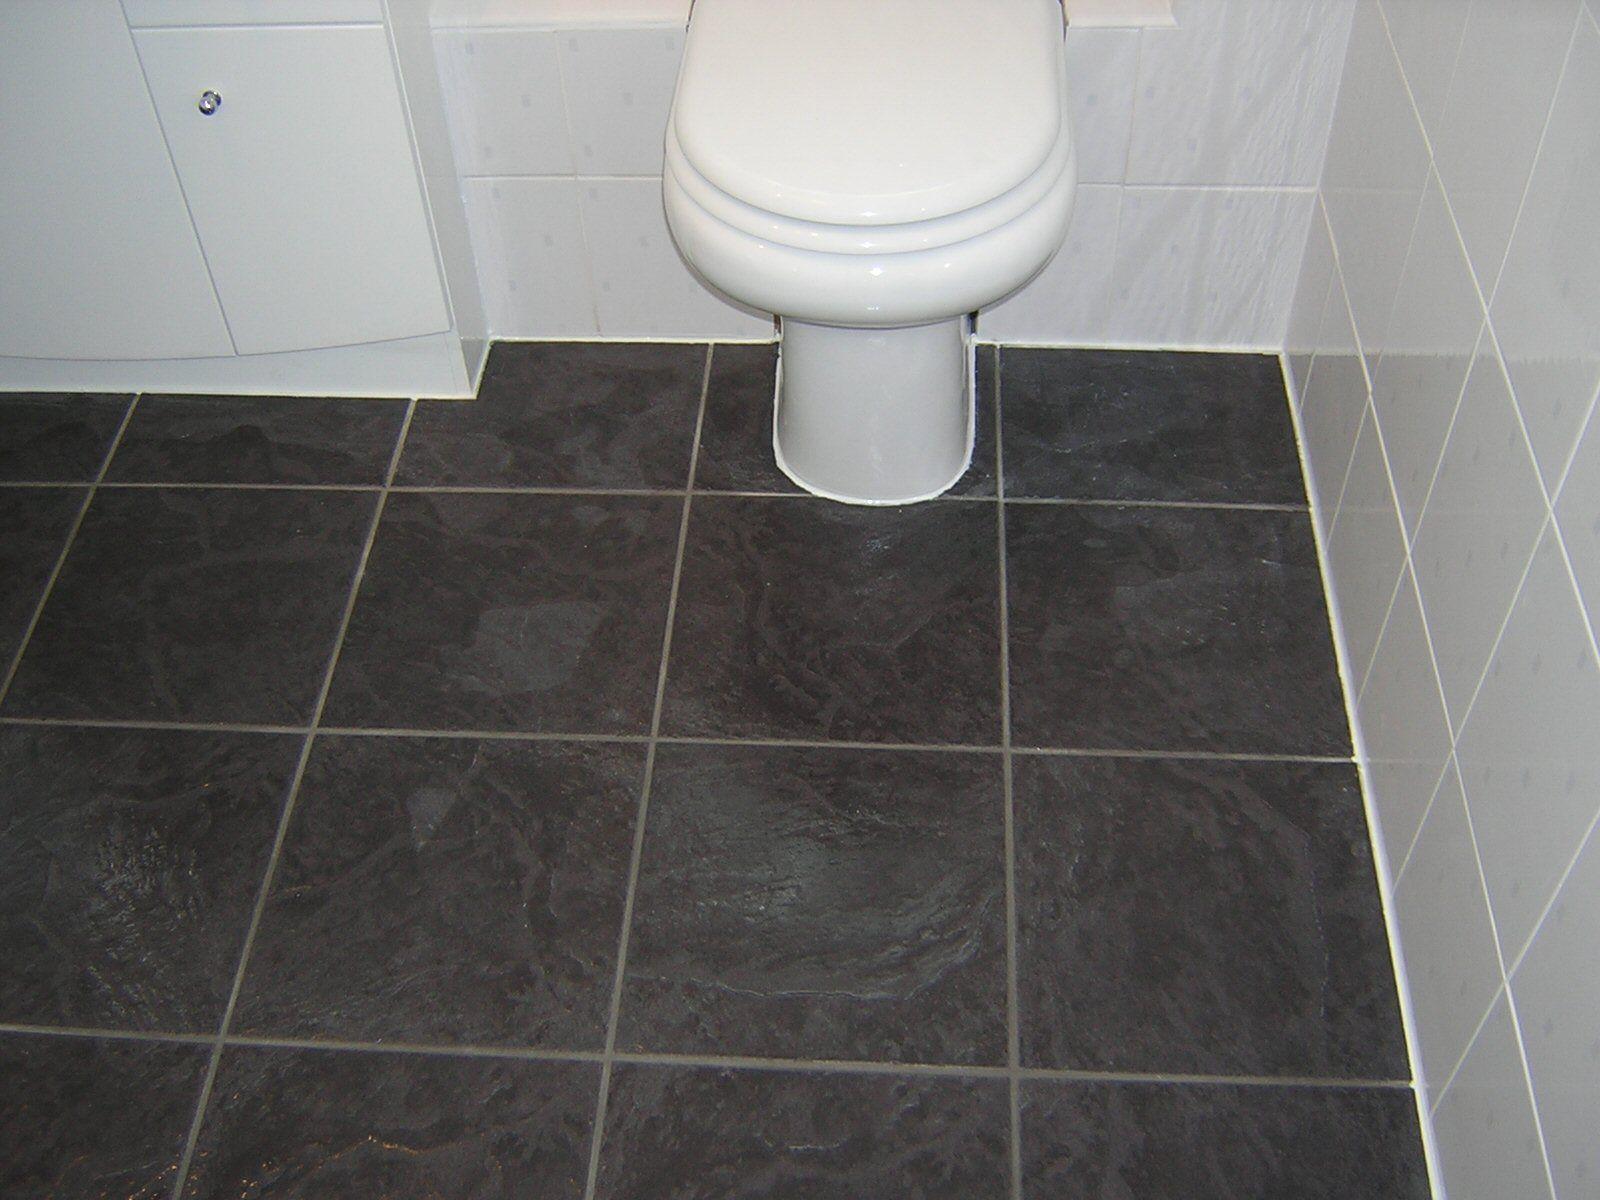 Ikea Bathroom Floor  Vinyl tile bathroom, Bathroom flooring